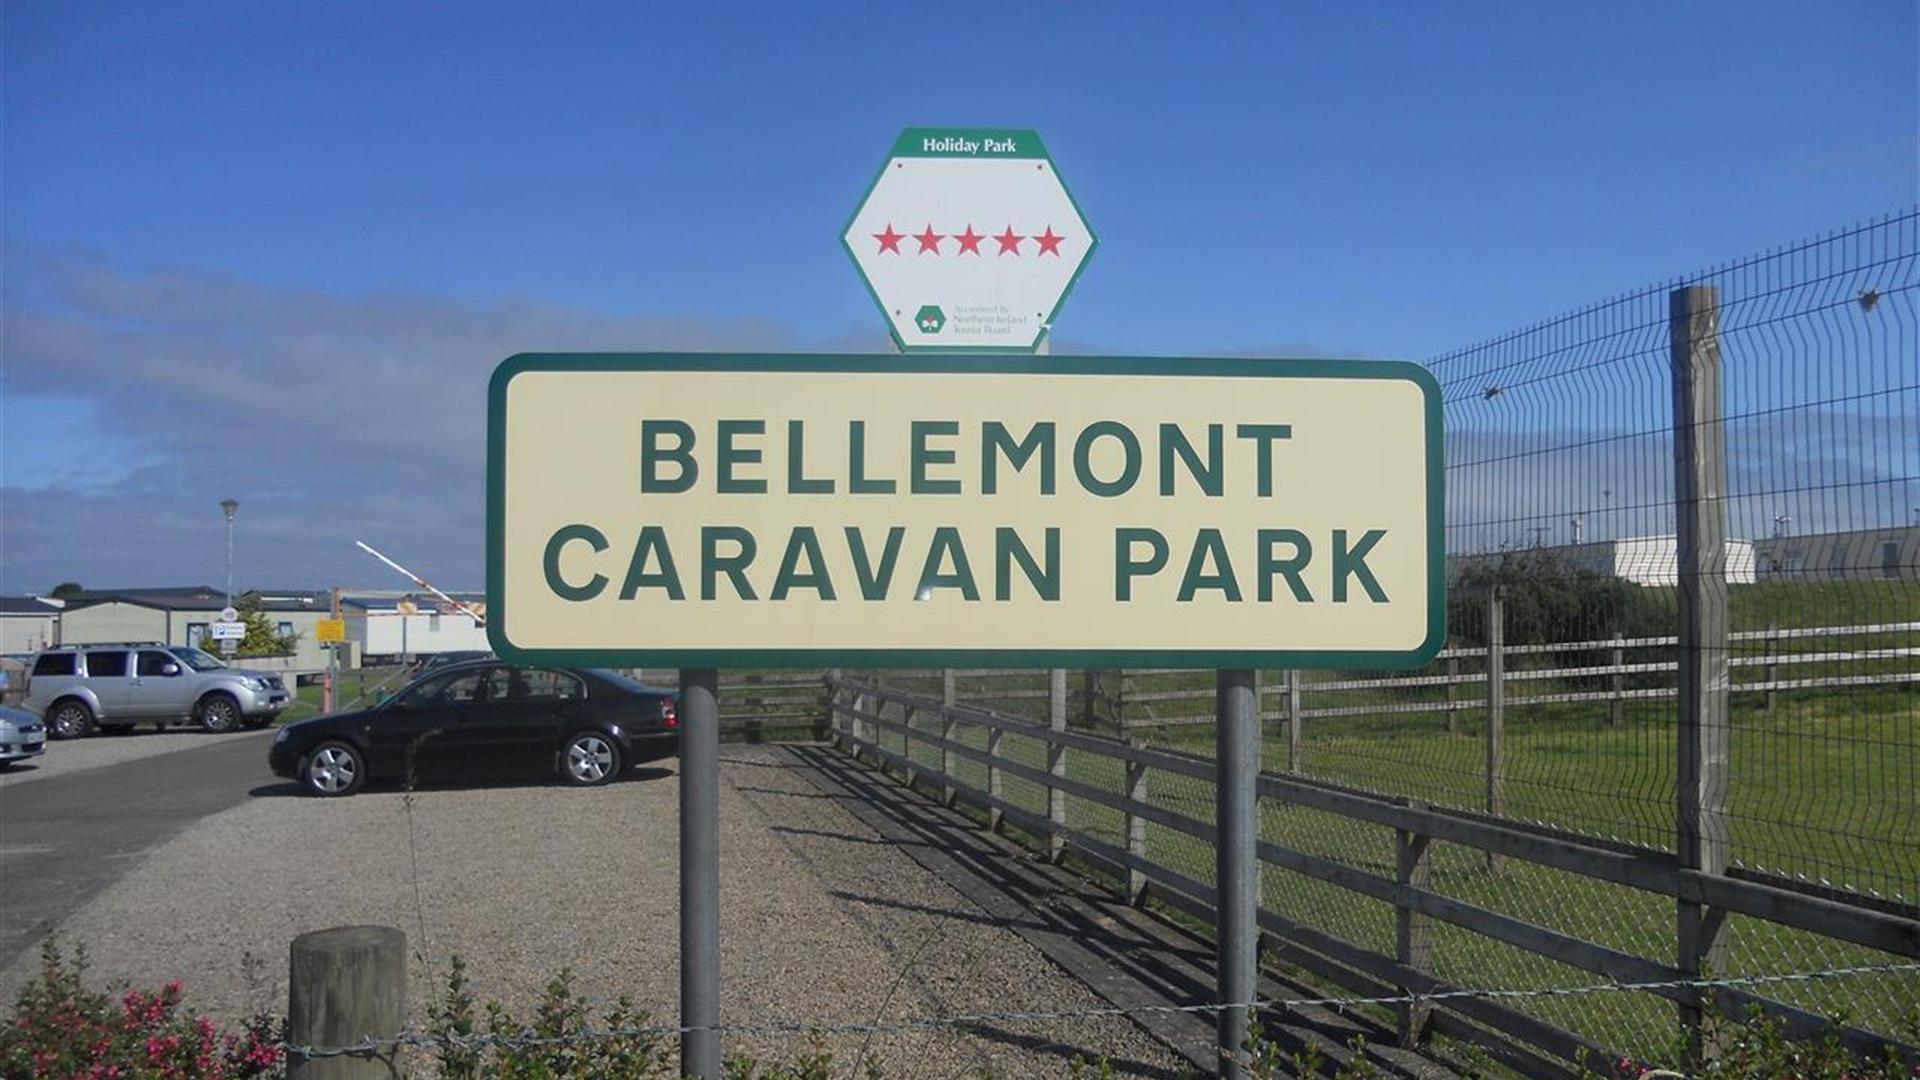 Bellemont Caravan Park